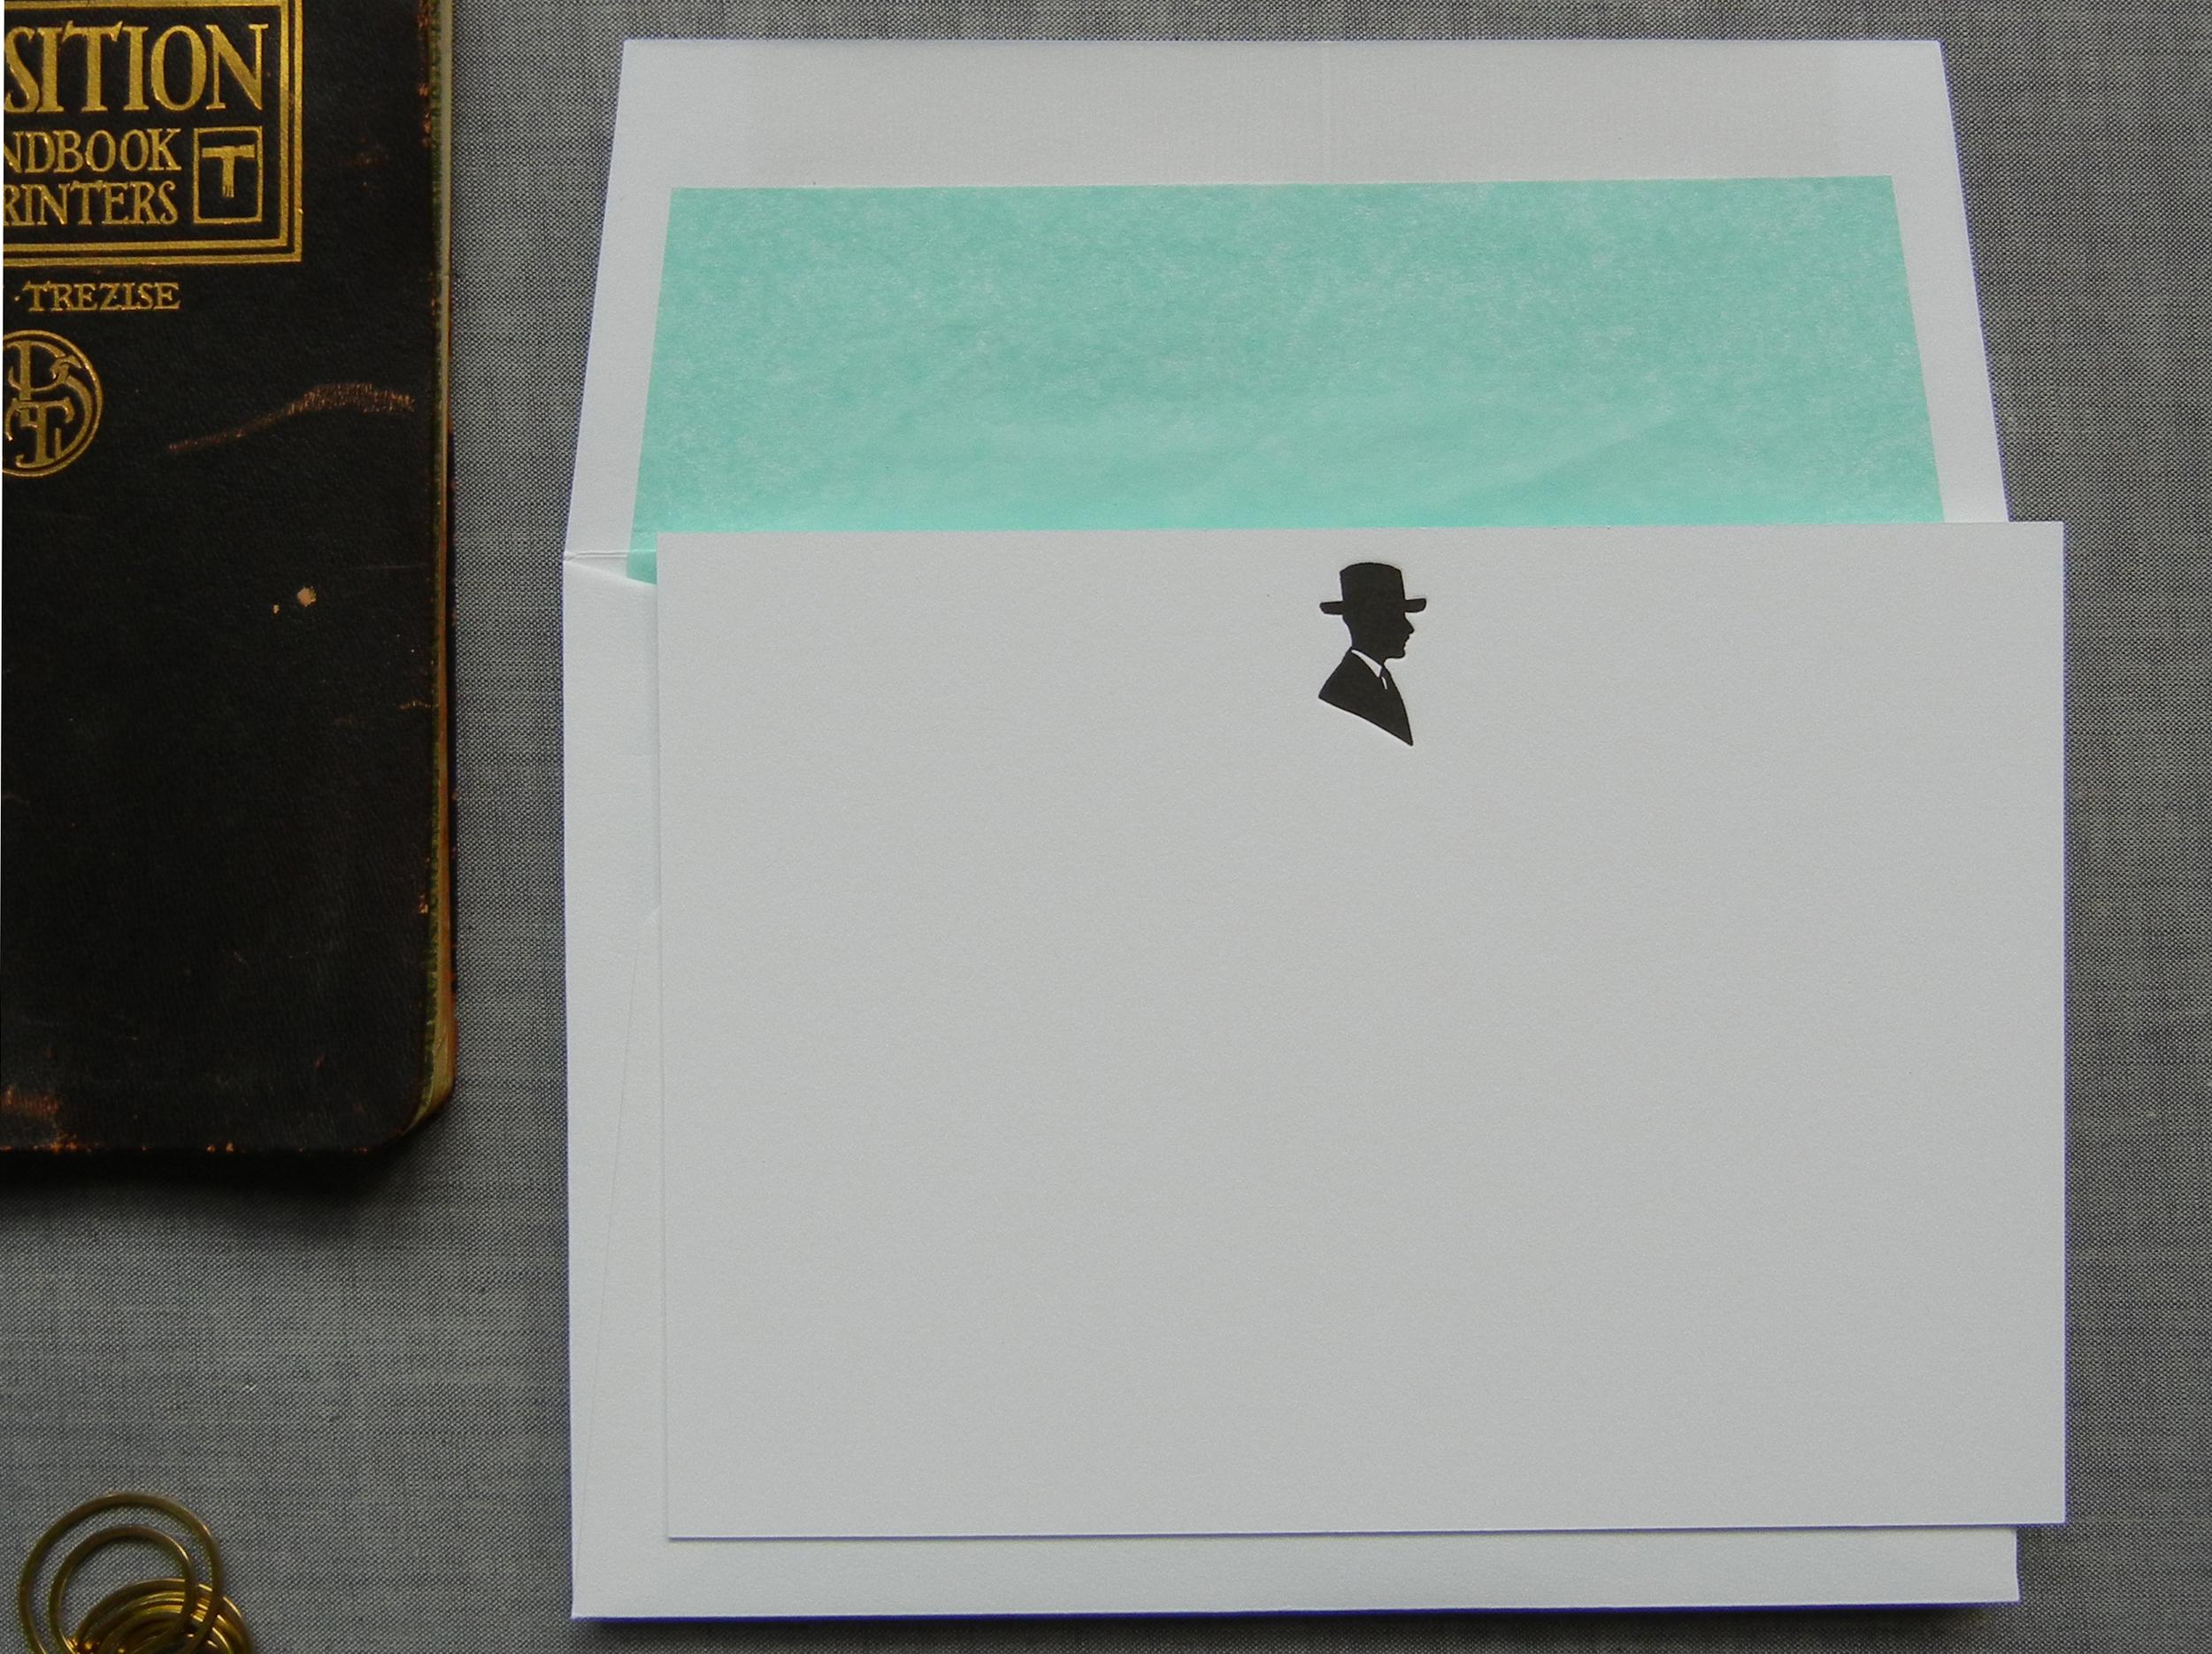 Gentleman note cards